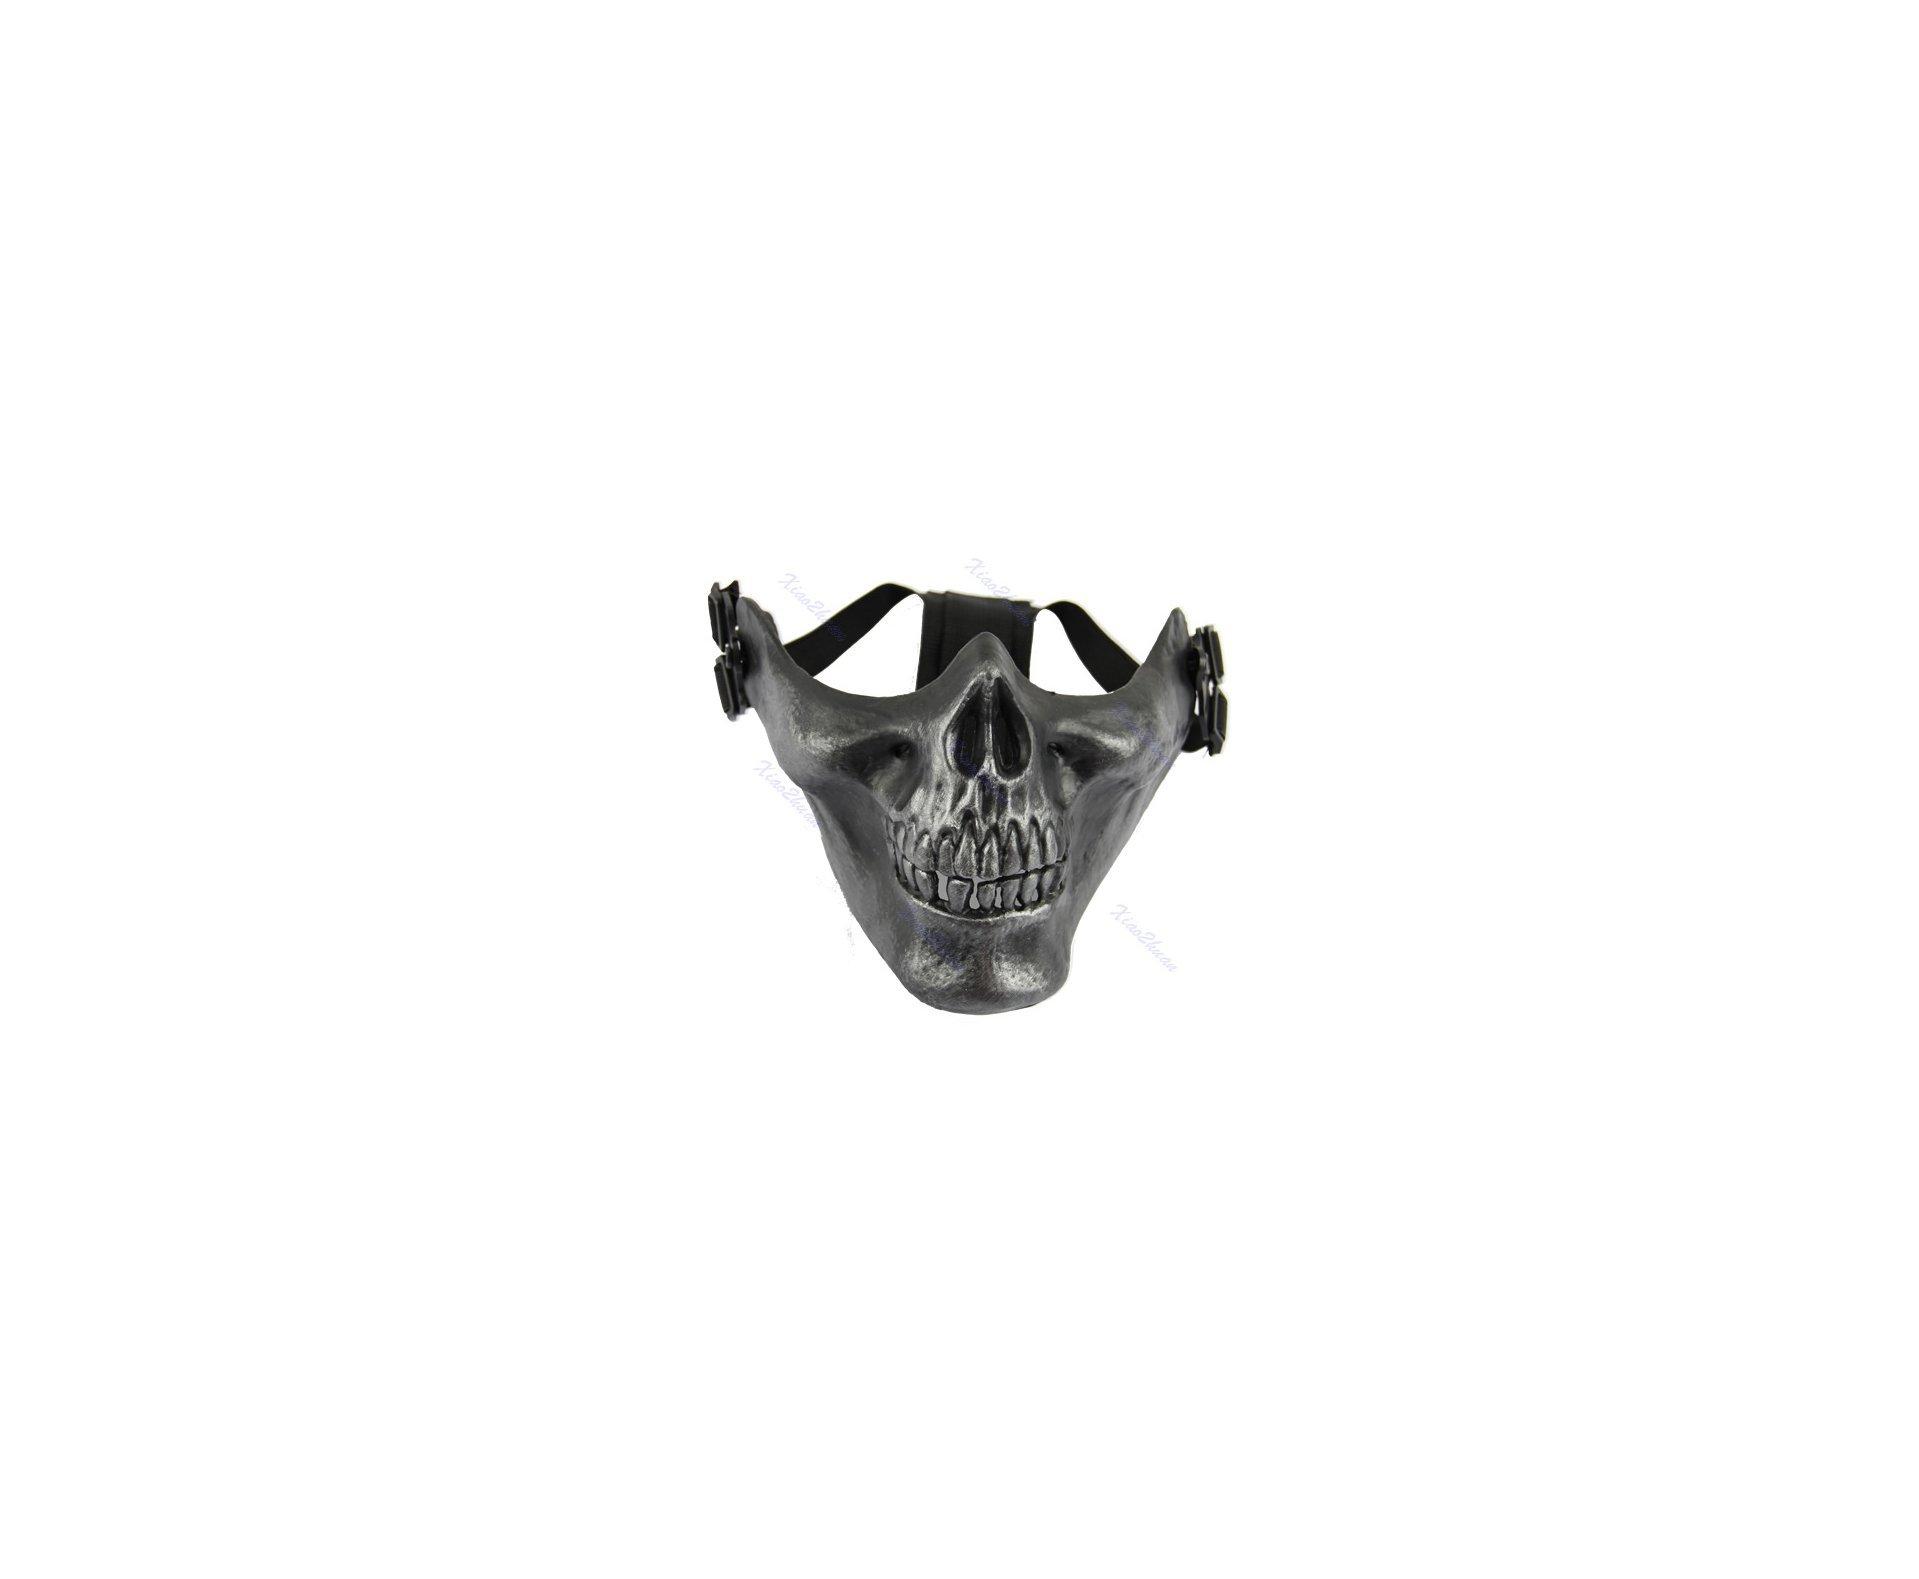 Máscara De Meia Face Para Airsoft - Modelo Esqueleto Black/silver